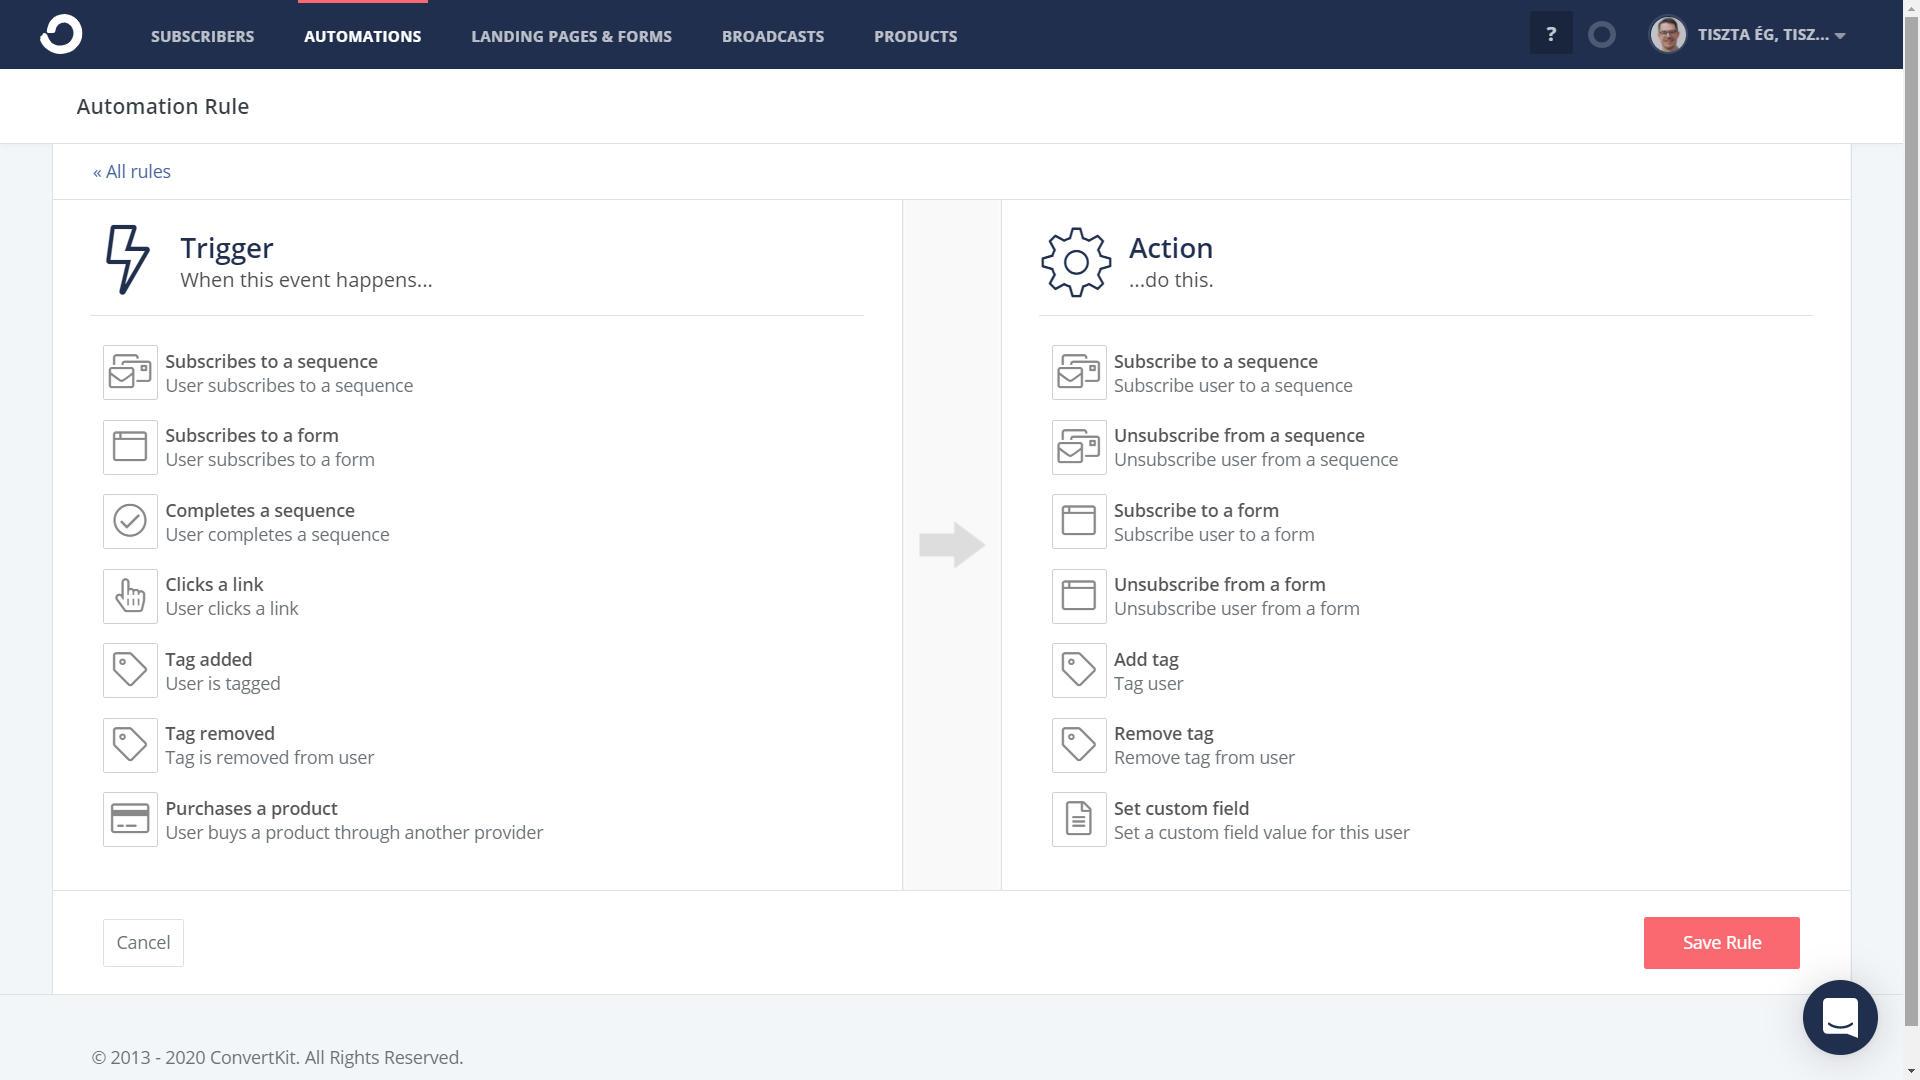 Automatizálási lehetőségek Convertkitben